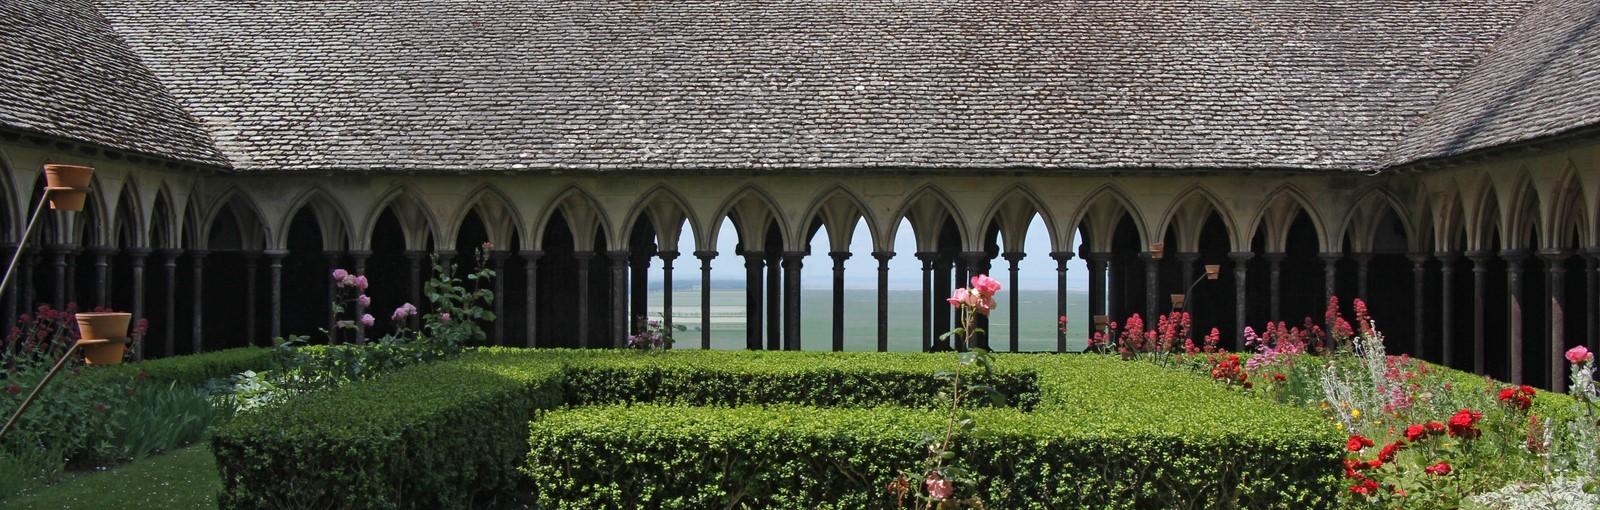 Abbaye du Mont-Saint-Michel - Le Cloître